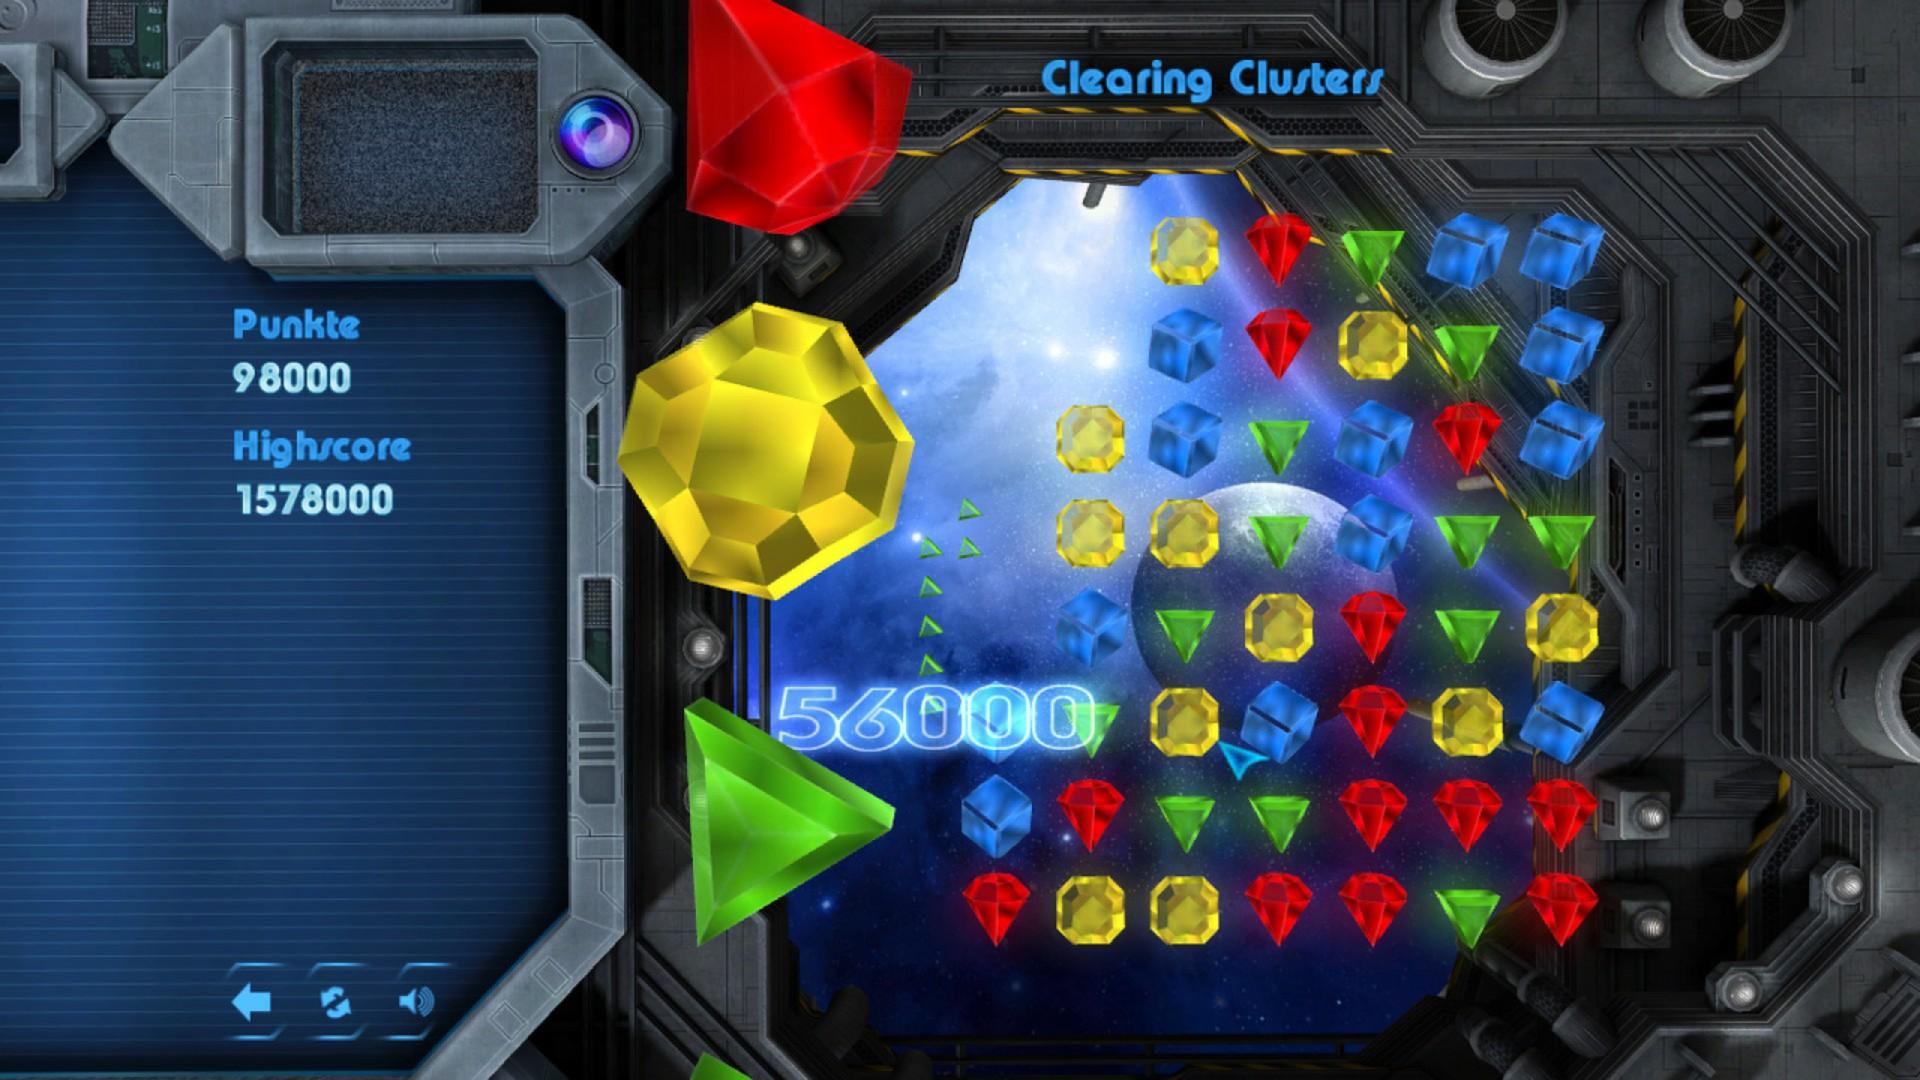 com.steam.206610-screenshot